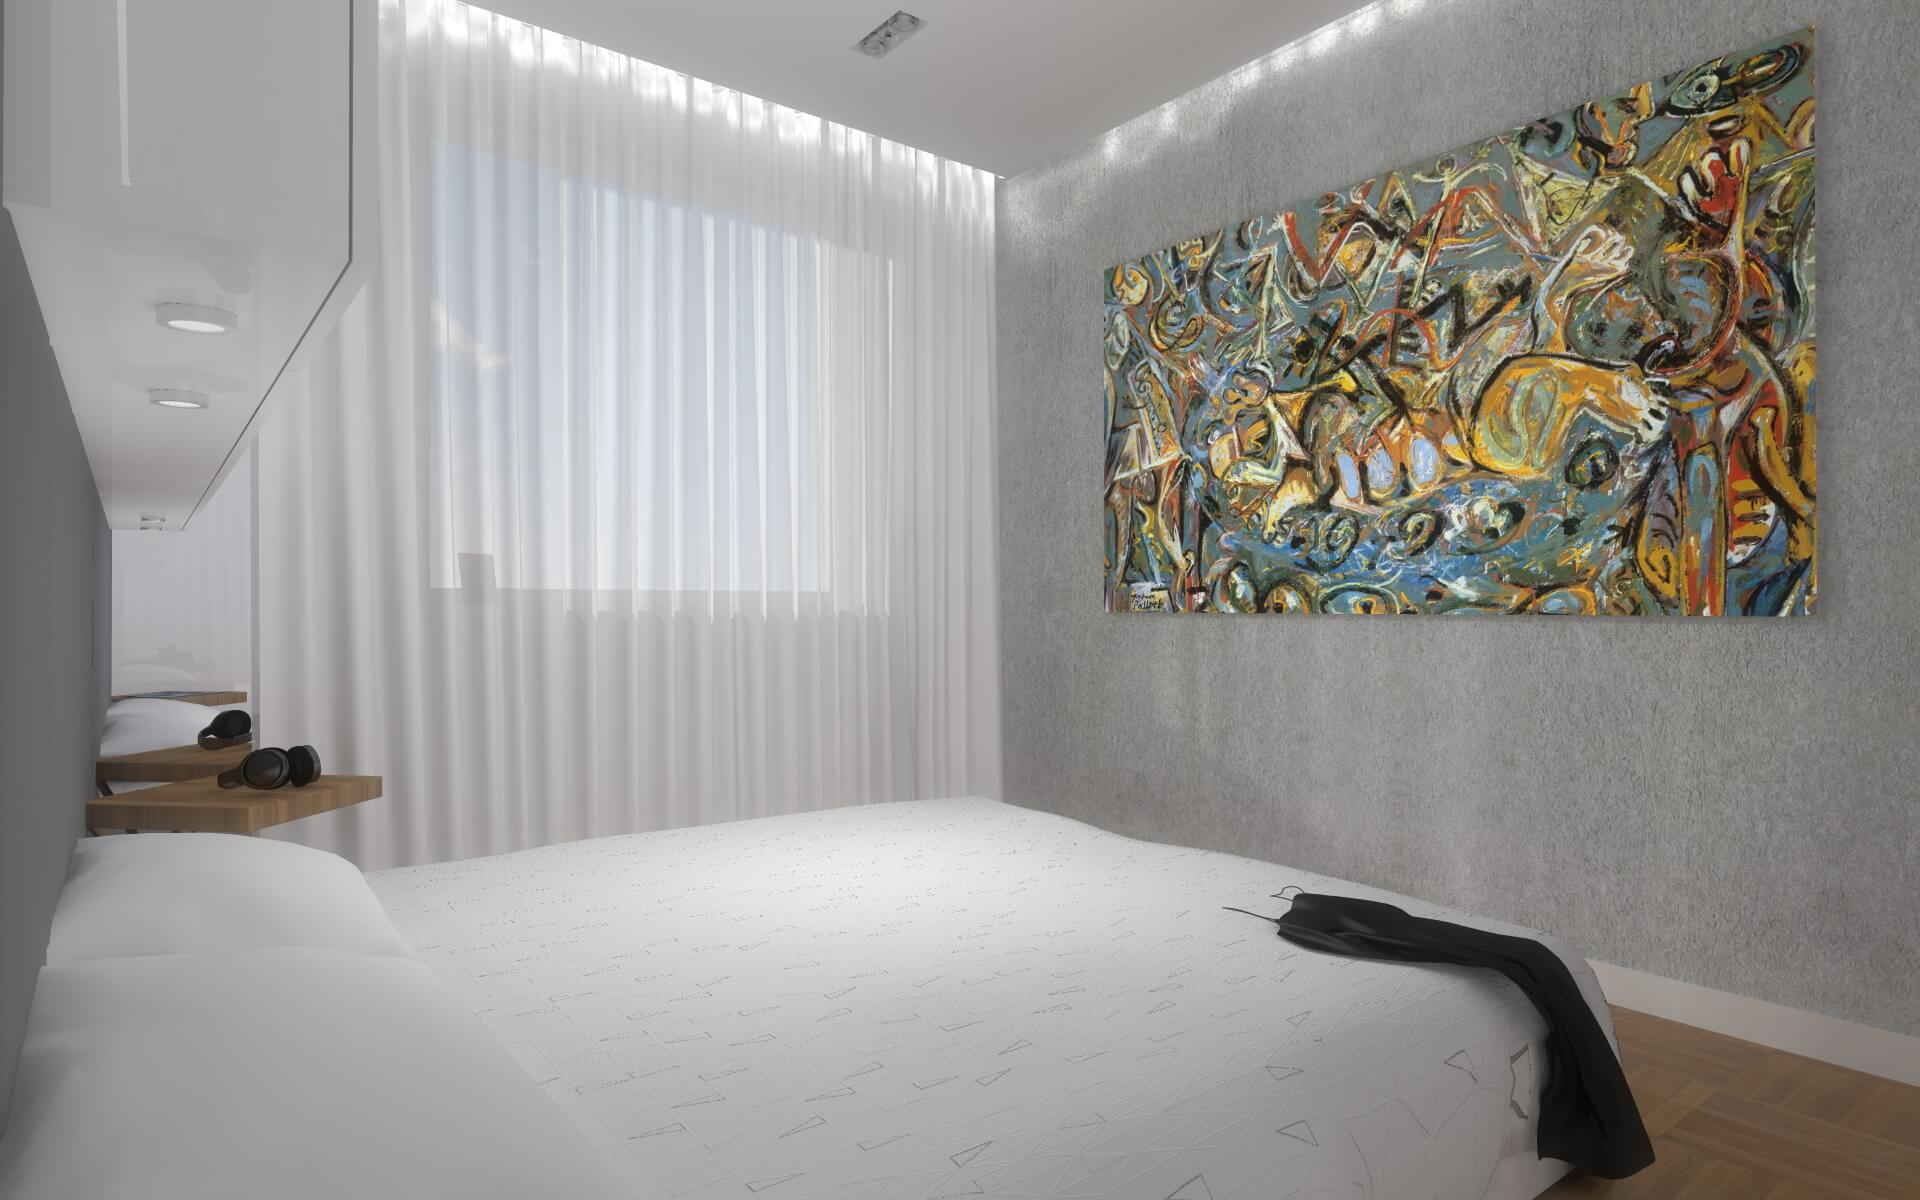 Aranżancja wnętrz minimalistycznego apartamentu 92m2 Bydgoszcz